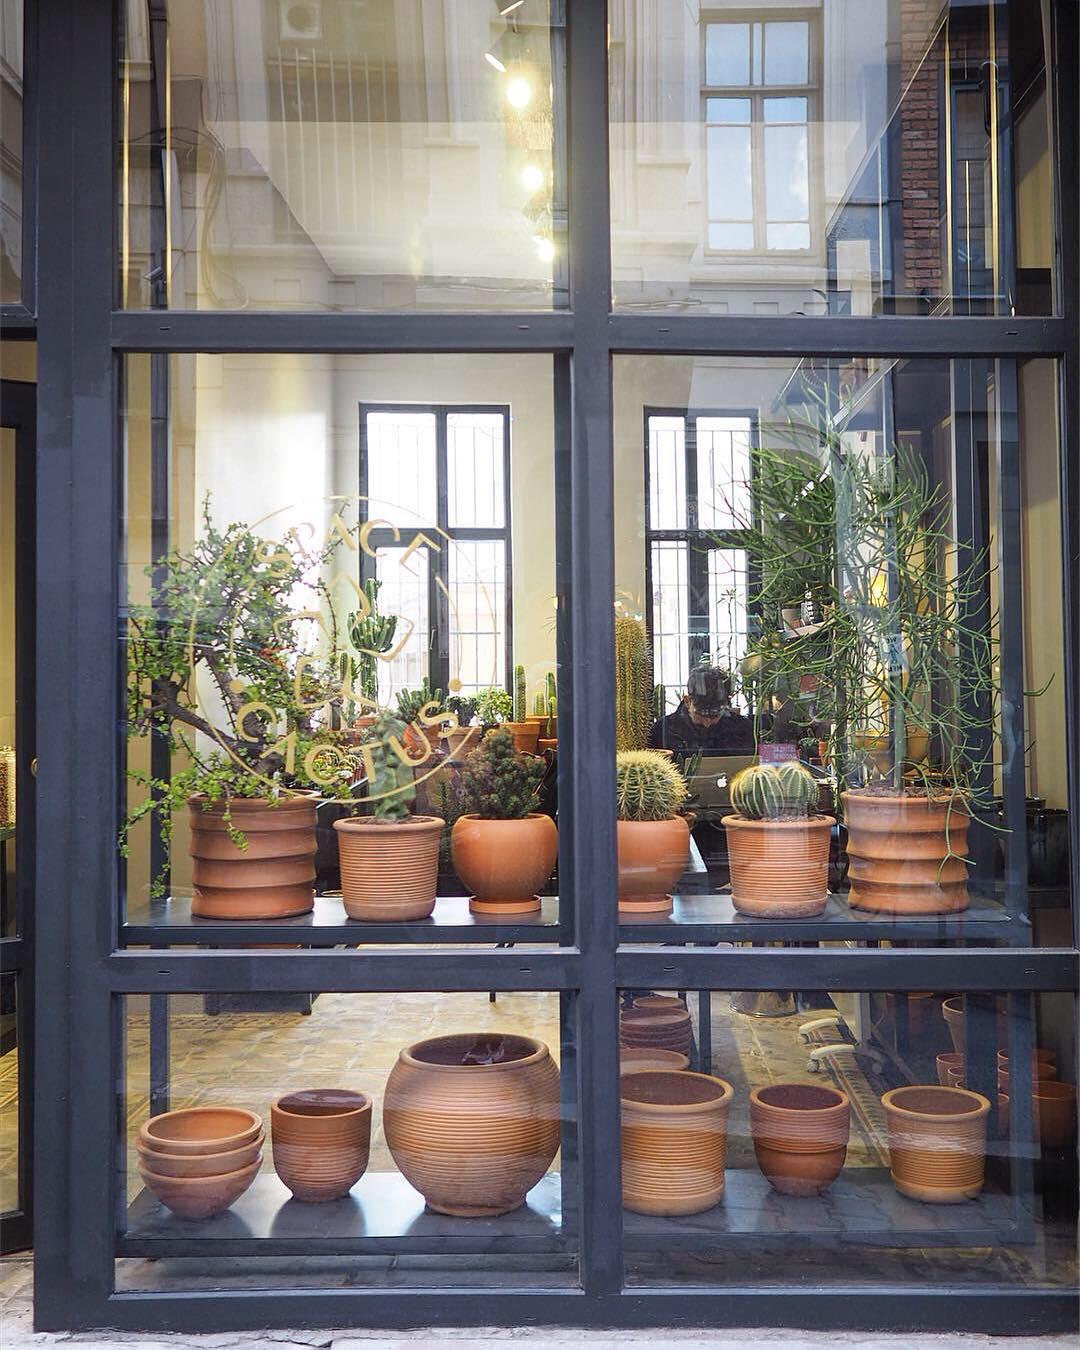 İstanbul'un Yaratıcı Çiçek Dükkanları ve Botanik Kafeleri | Space Cactus